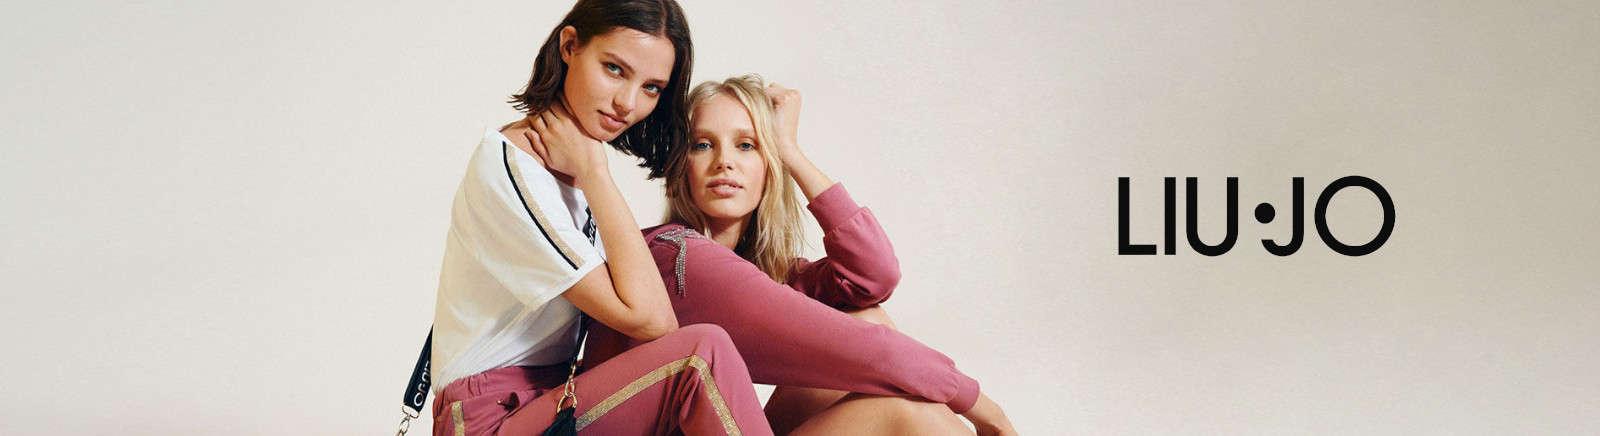 LIU JO Damenschuhe im Online-Shop von GISY kaufen